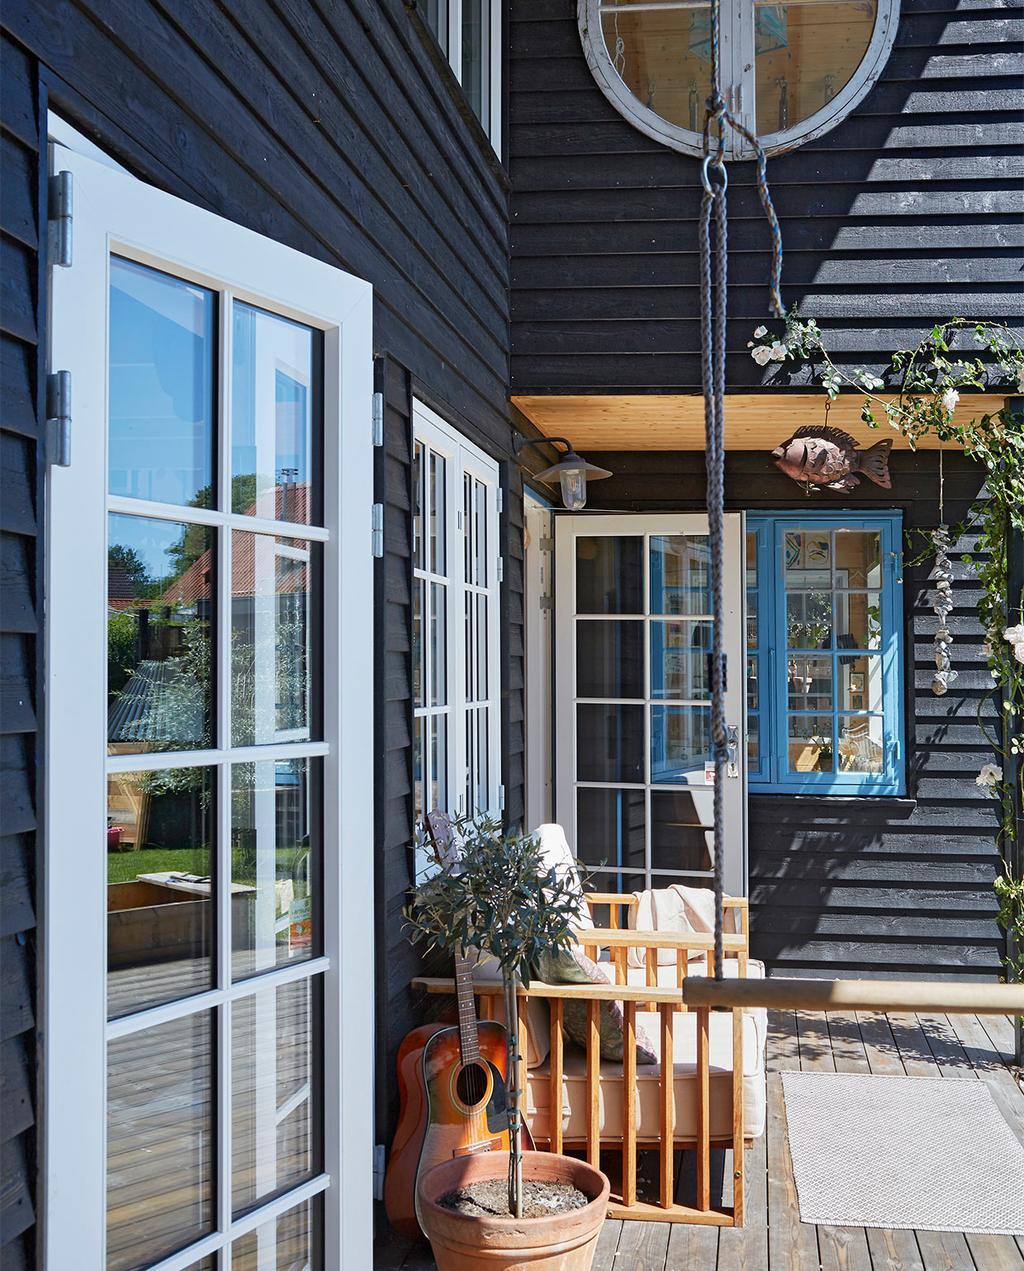 vtwonen special zomerhuizen 07-2021 | tuinbank met gitaar en zwarte latten aan de buitenkant van het huis